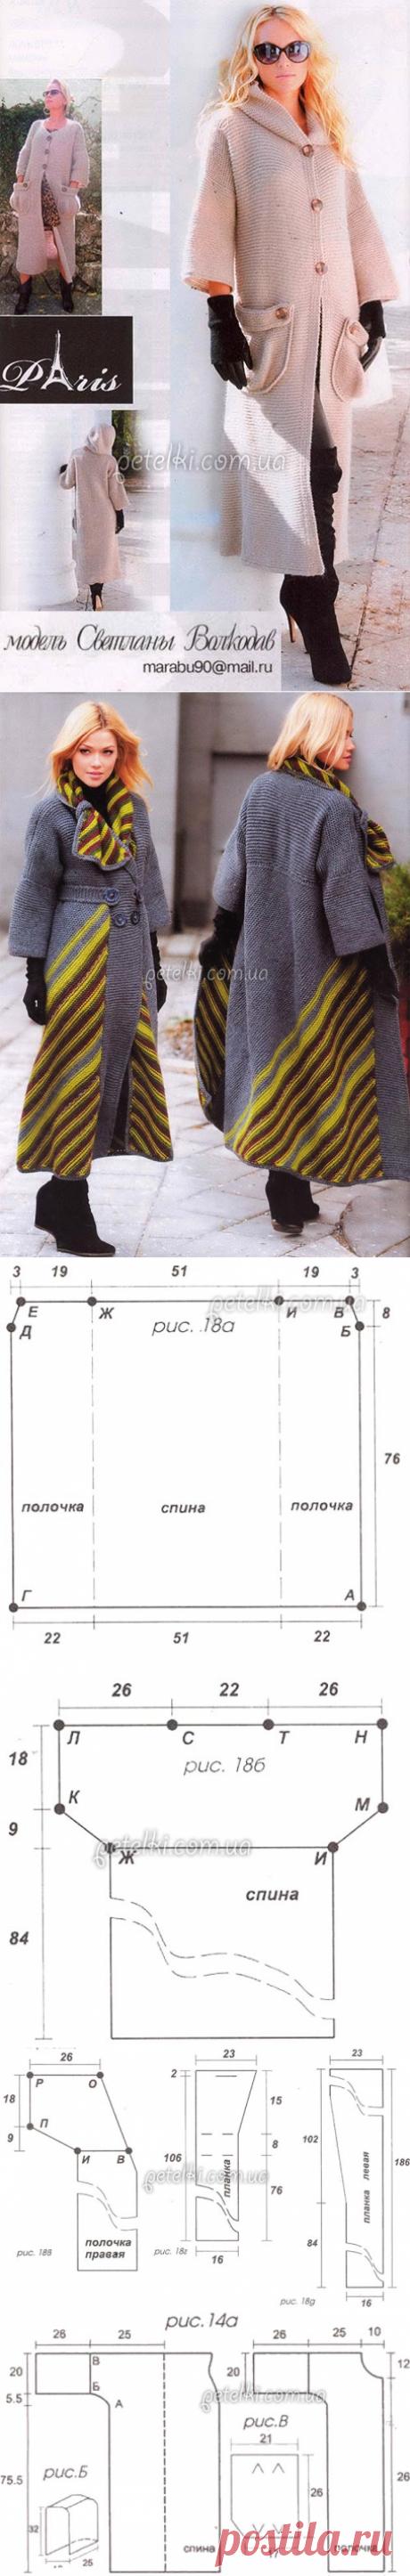 Вязаные пальто от Светланы Волкодав. 2 модели